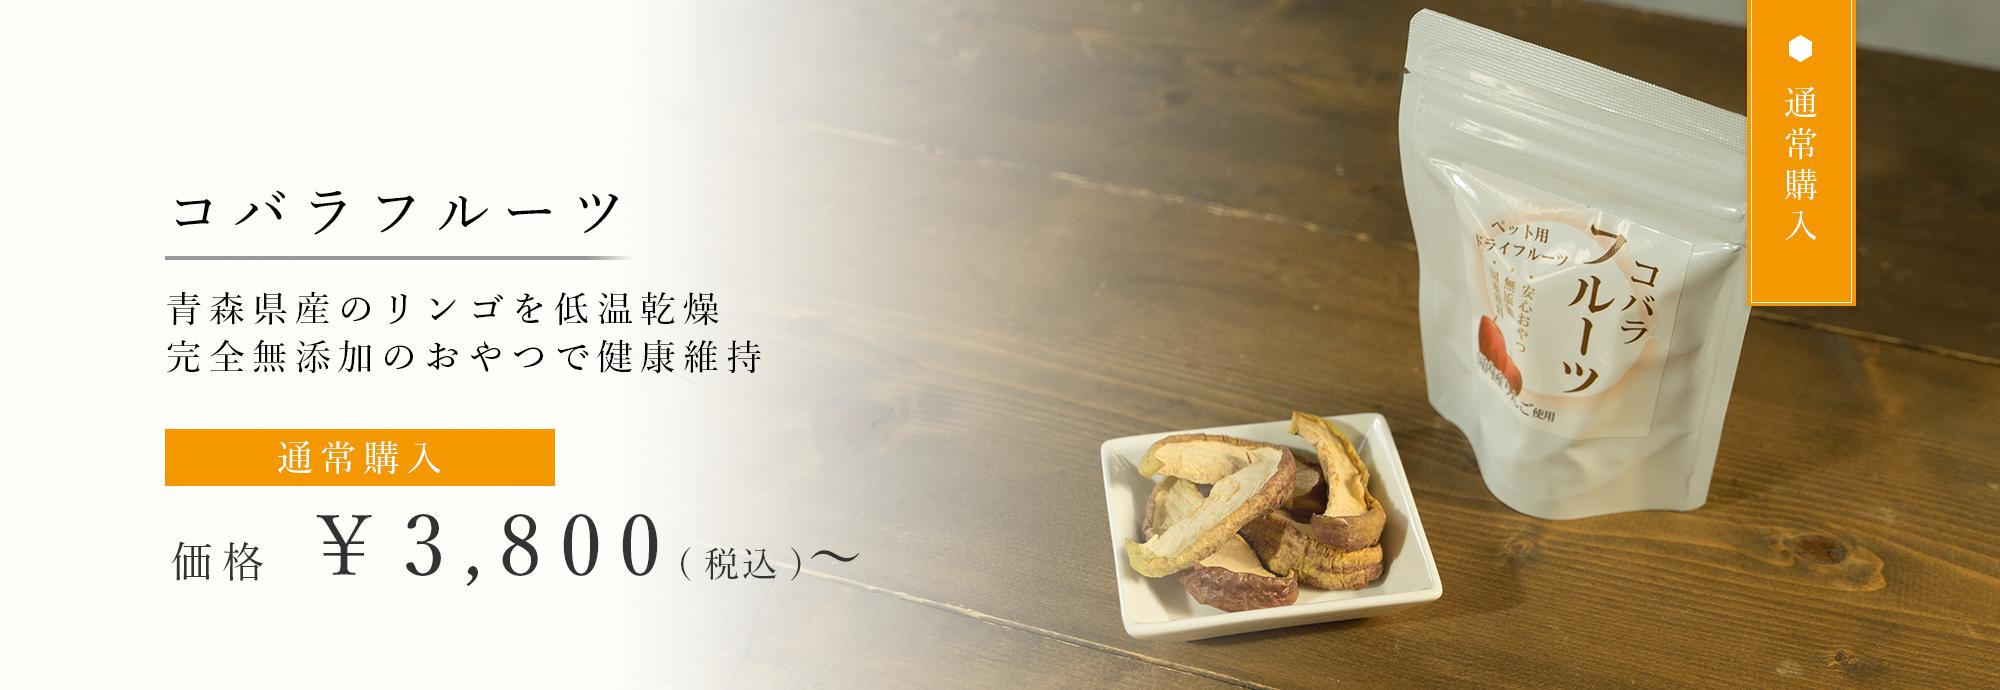 国産ドッグフード「鶴亀長寿 安心の国産素材を使用 添加物無添加ドッグフード 通常購入 価格 ¥3,600(税込)〜